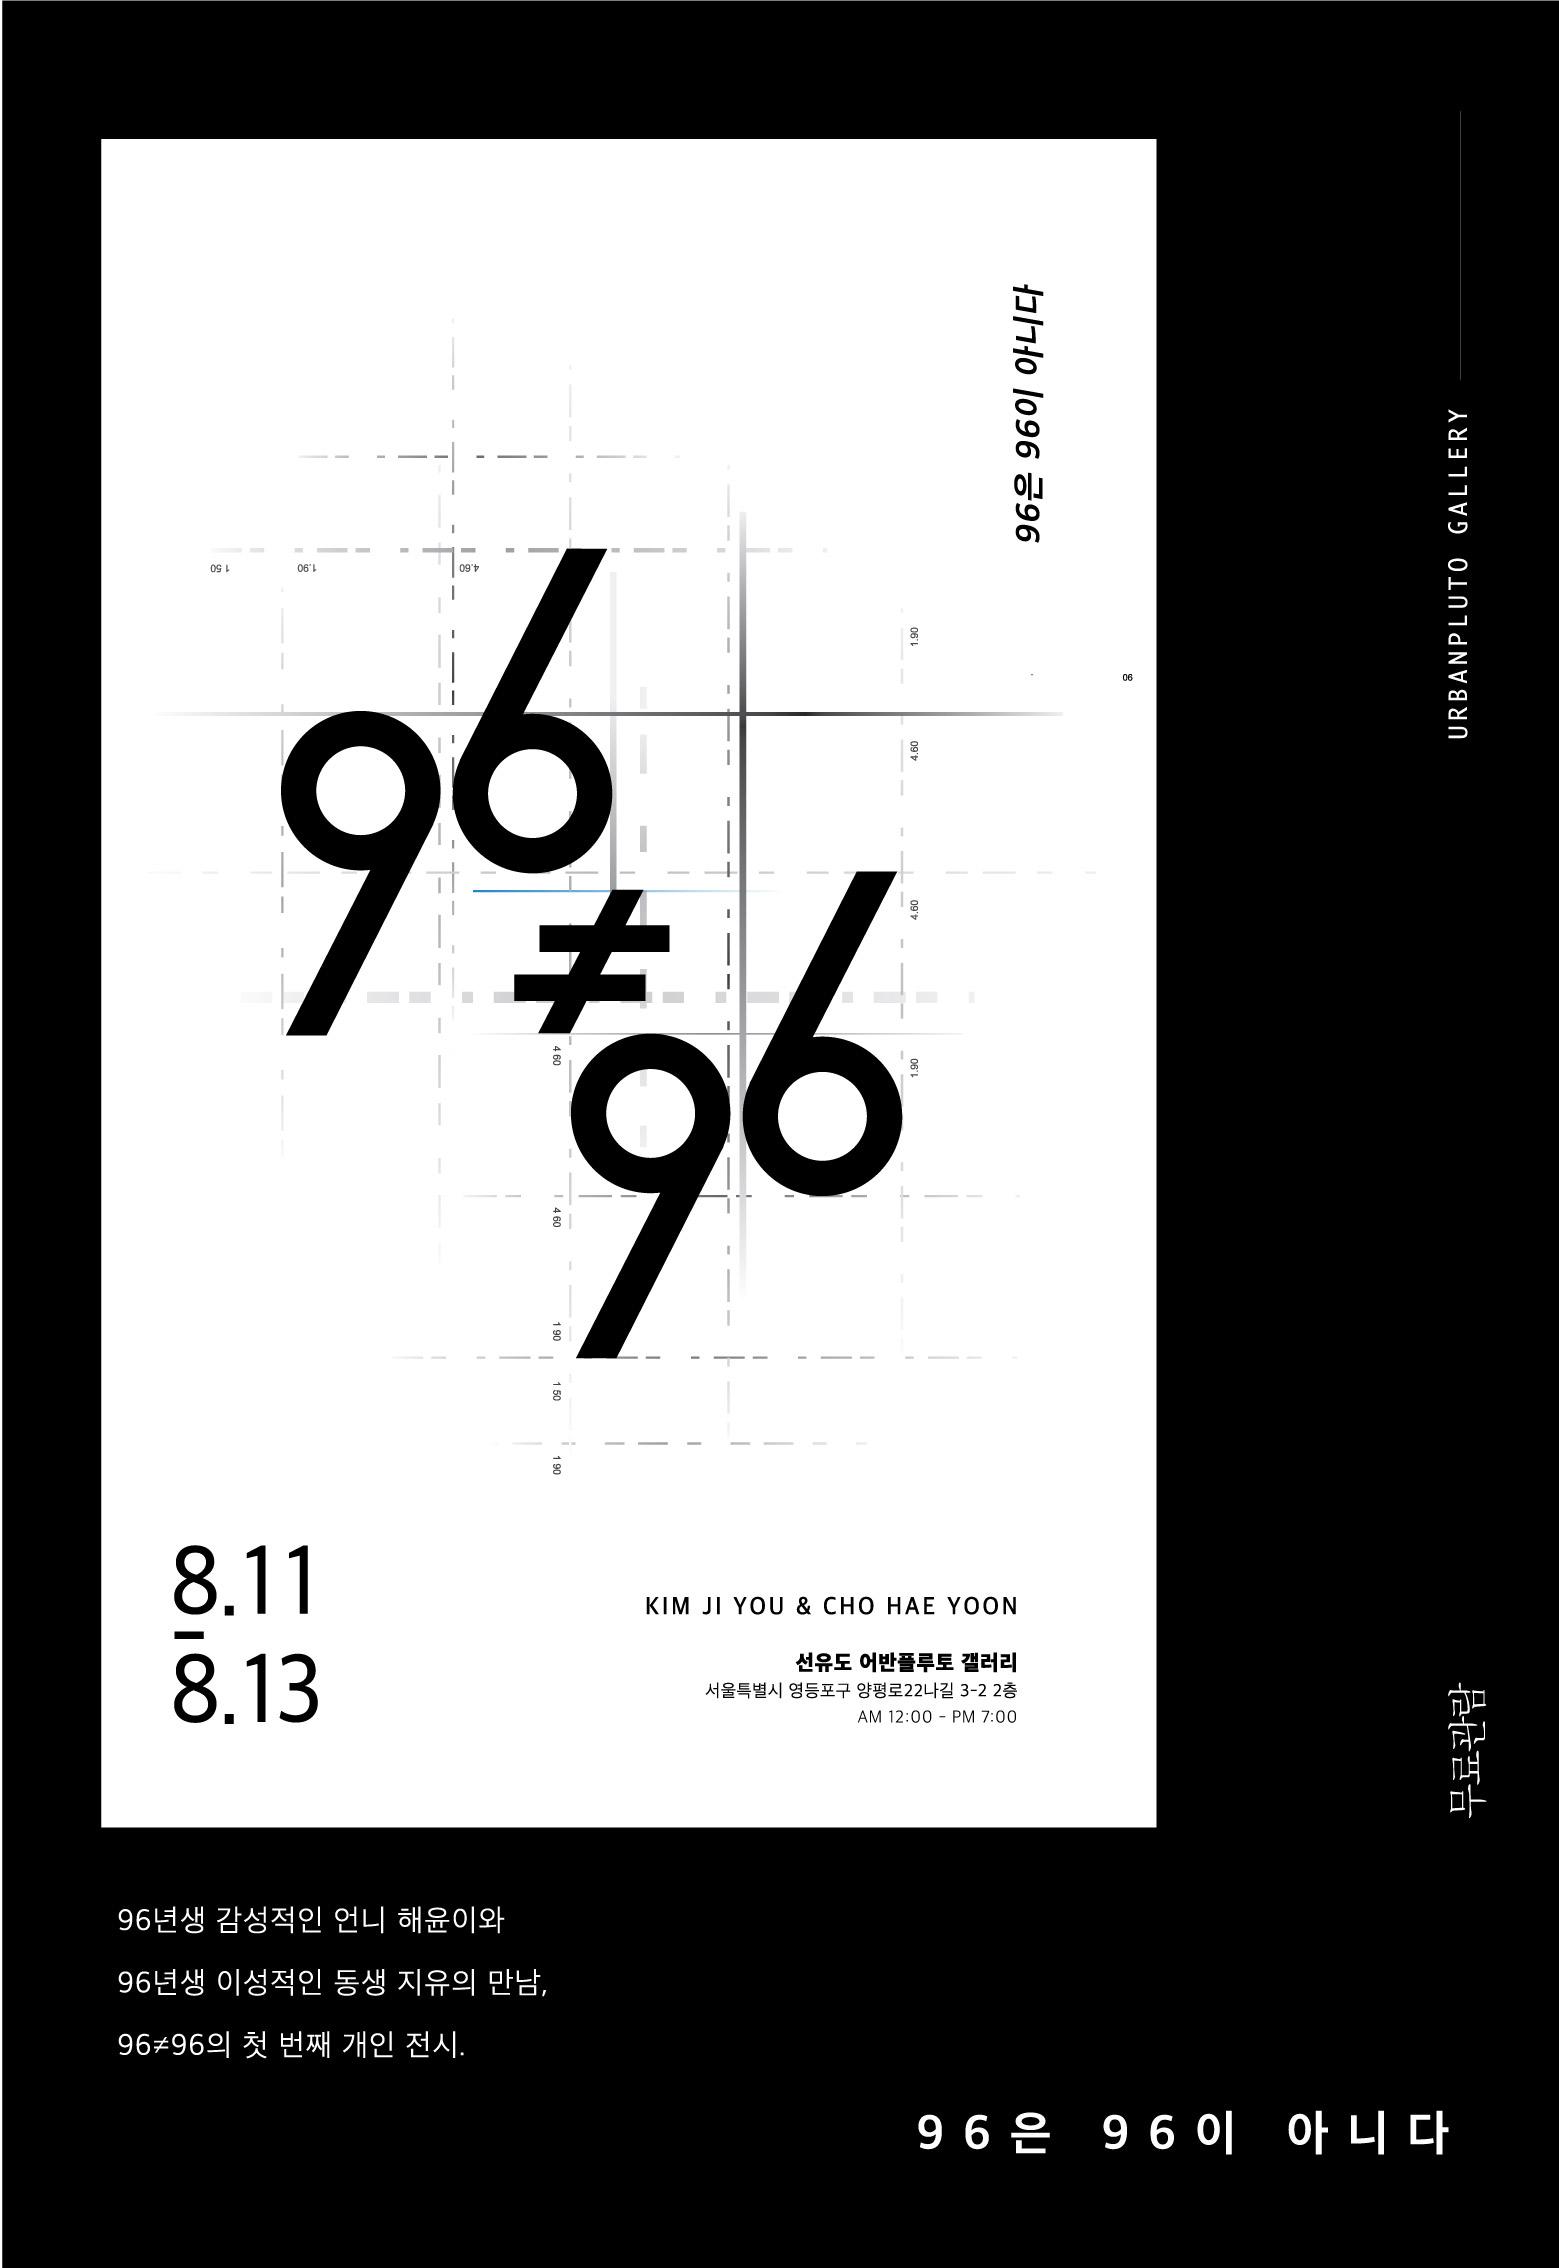 어반플루토 갤러리 8월 무료전시 96≠96 만남 포스터